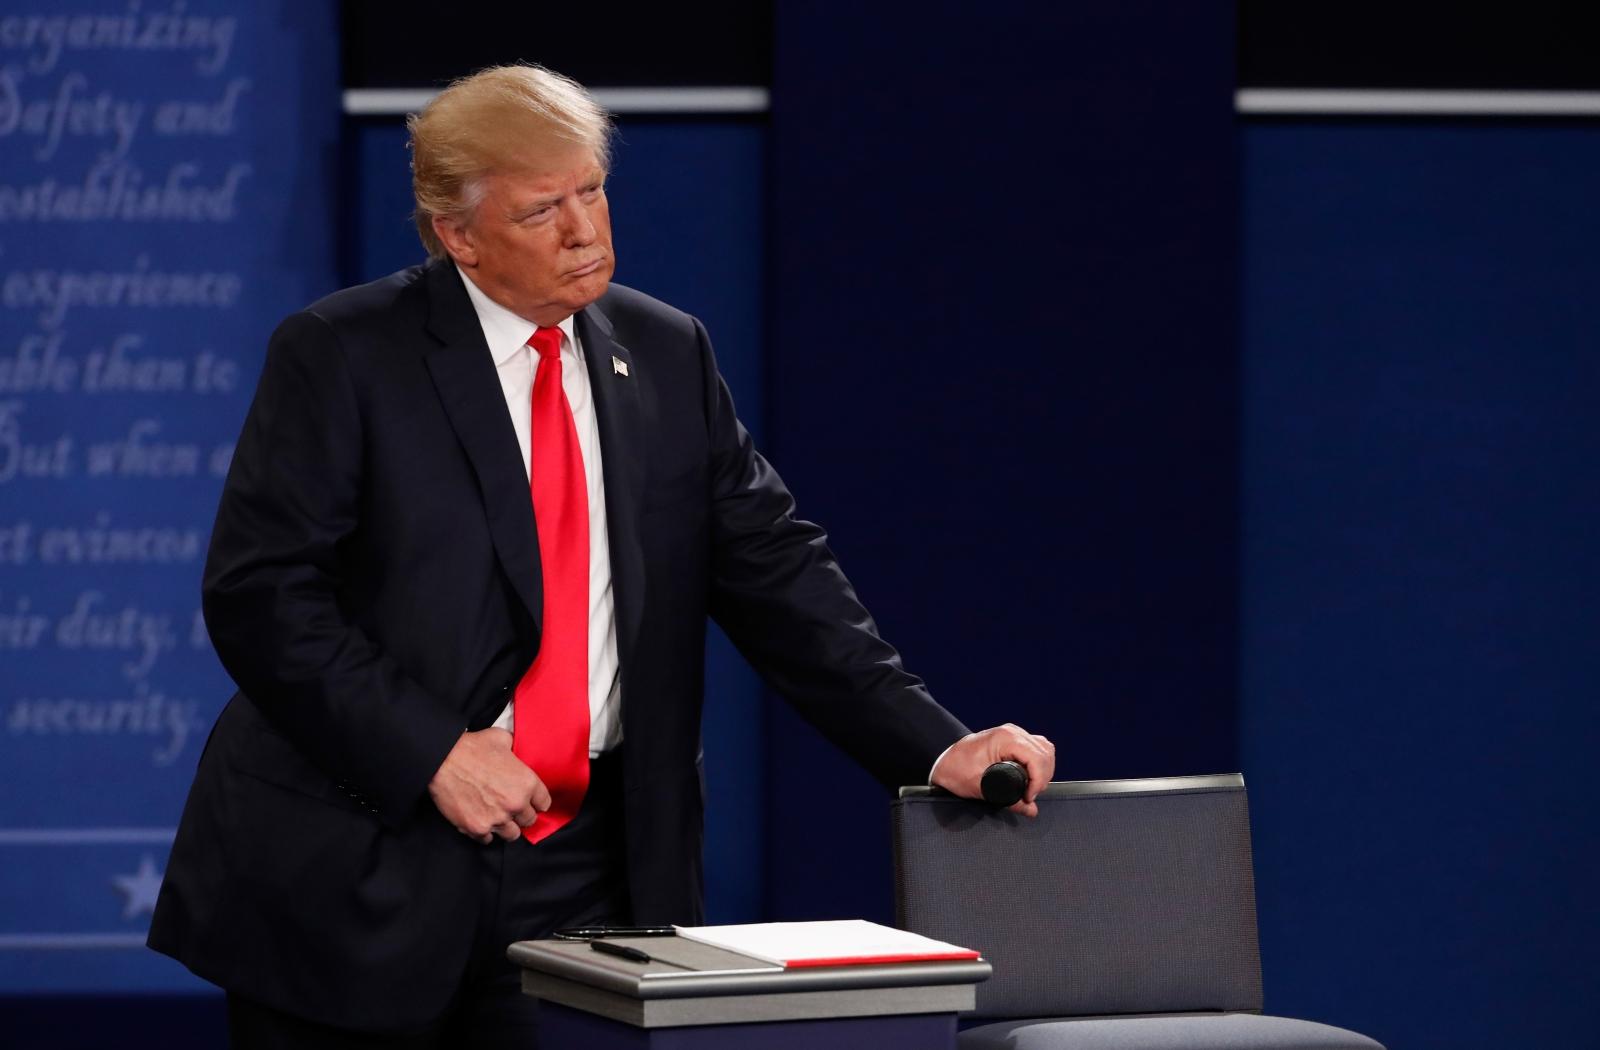 Trump at the presidential debate